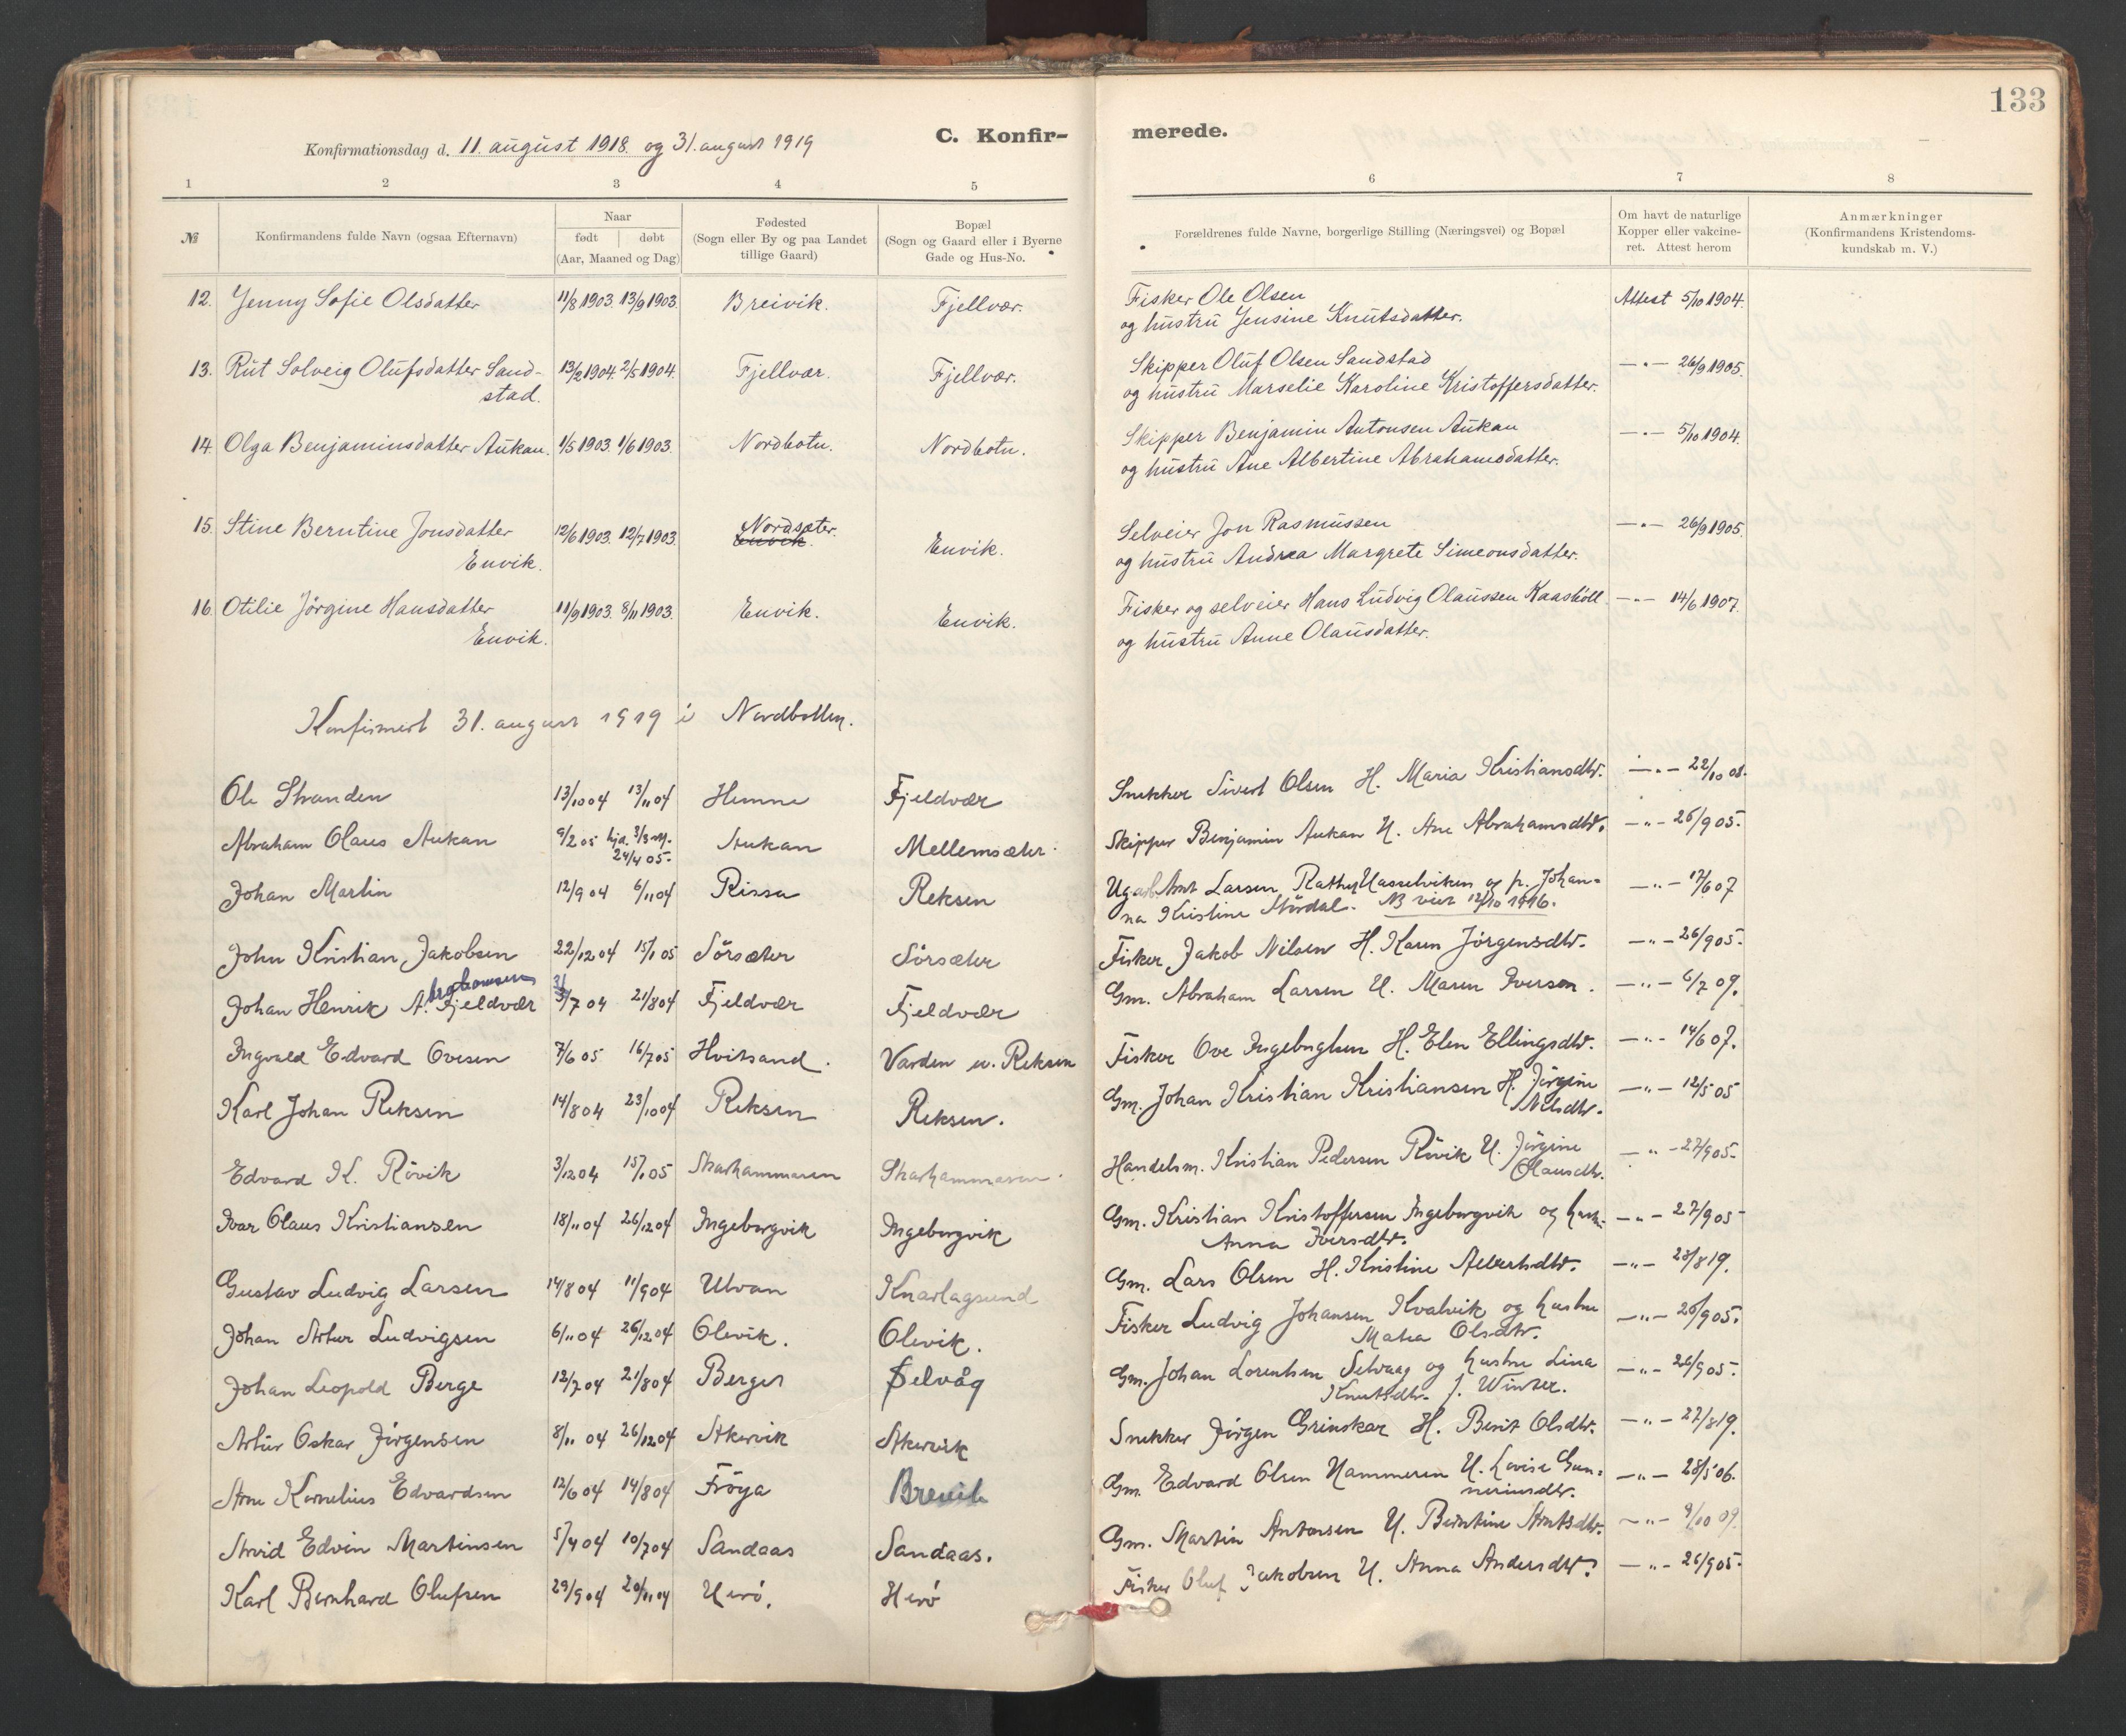 SAT, Ministerialprotokoller, klokkerbøker og fødselsregistre - Sør-Trøndelag, 637/L0559: Ministerialbok nr. 637A02, 1899-1923, s. 133